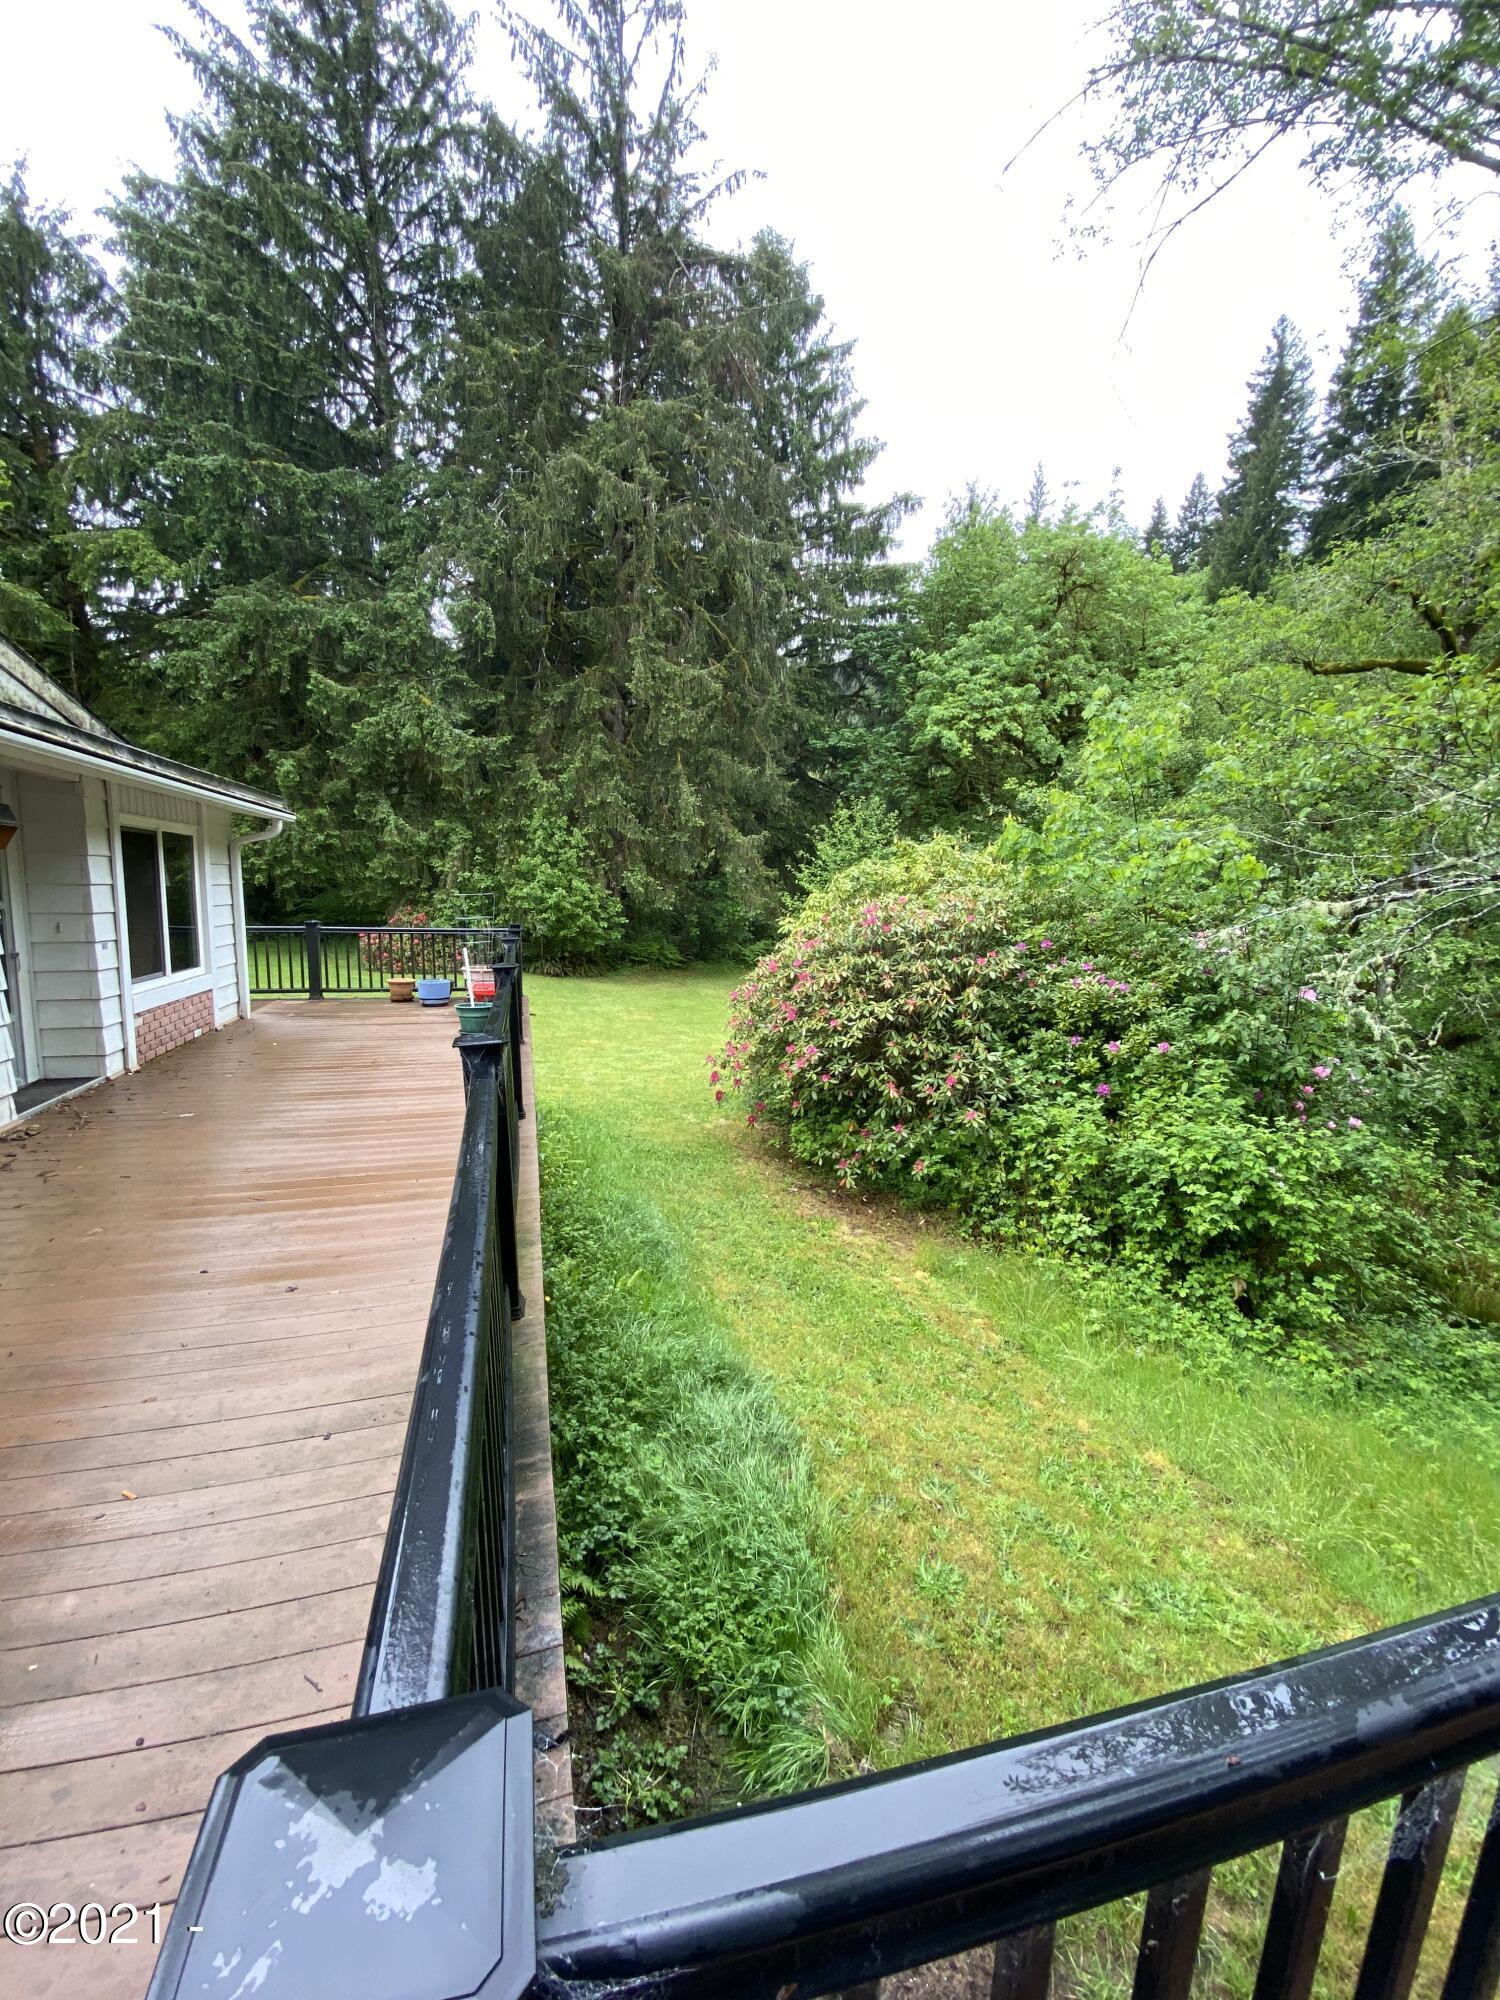 5385 Salmon River Hwy, Otis, OR 97368 - Riverfront